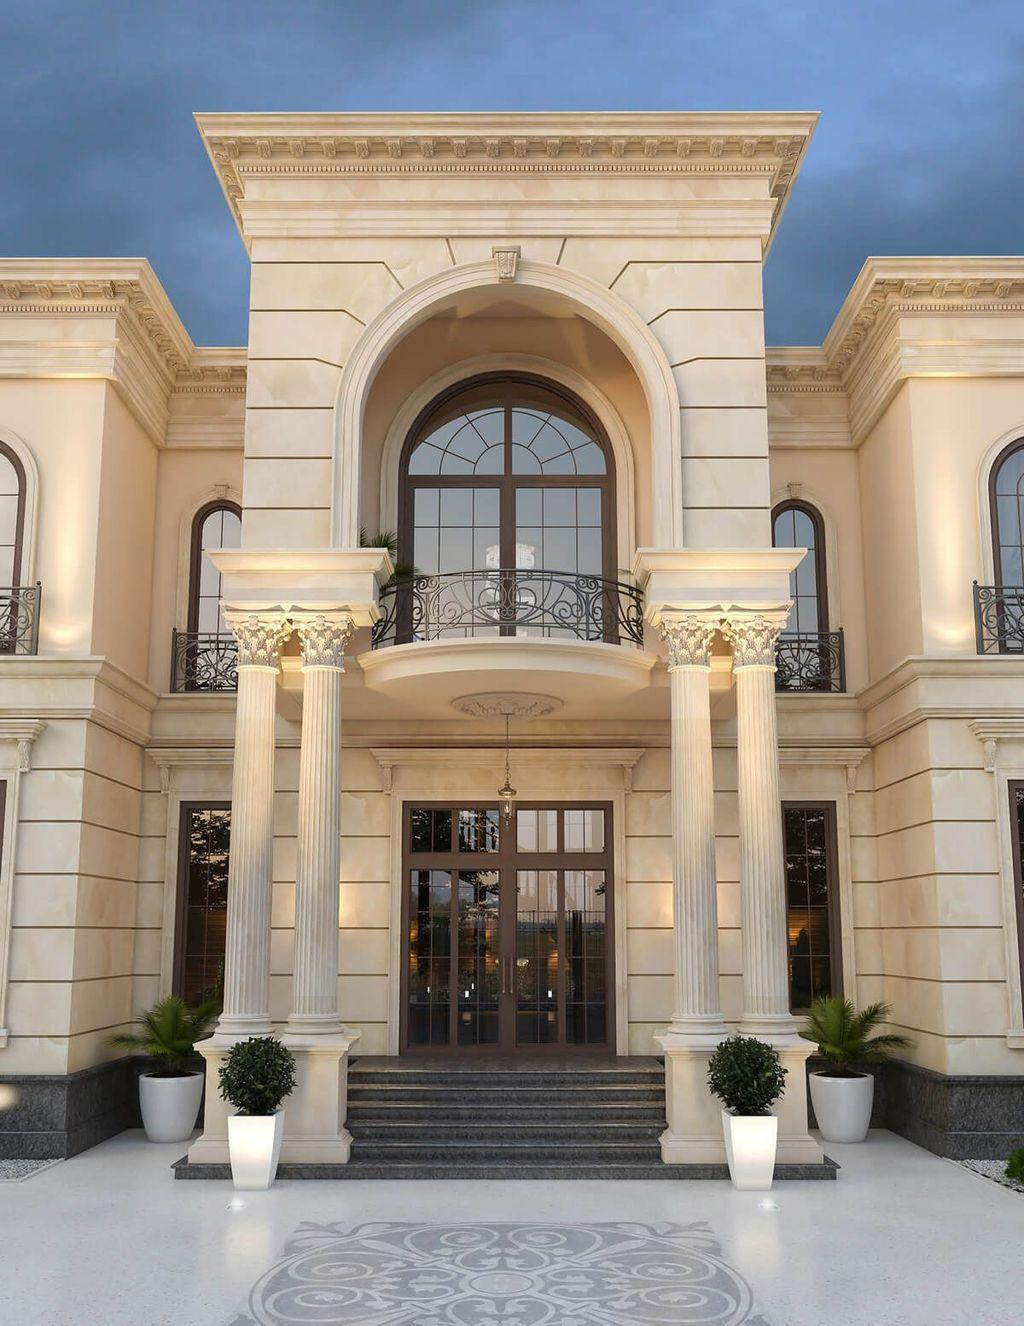 The Best Classic Exterior Design Ideas Luxury Look 24